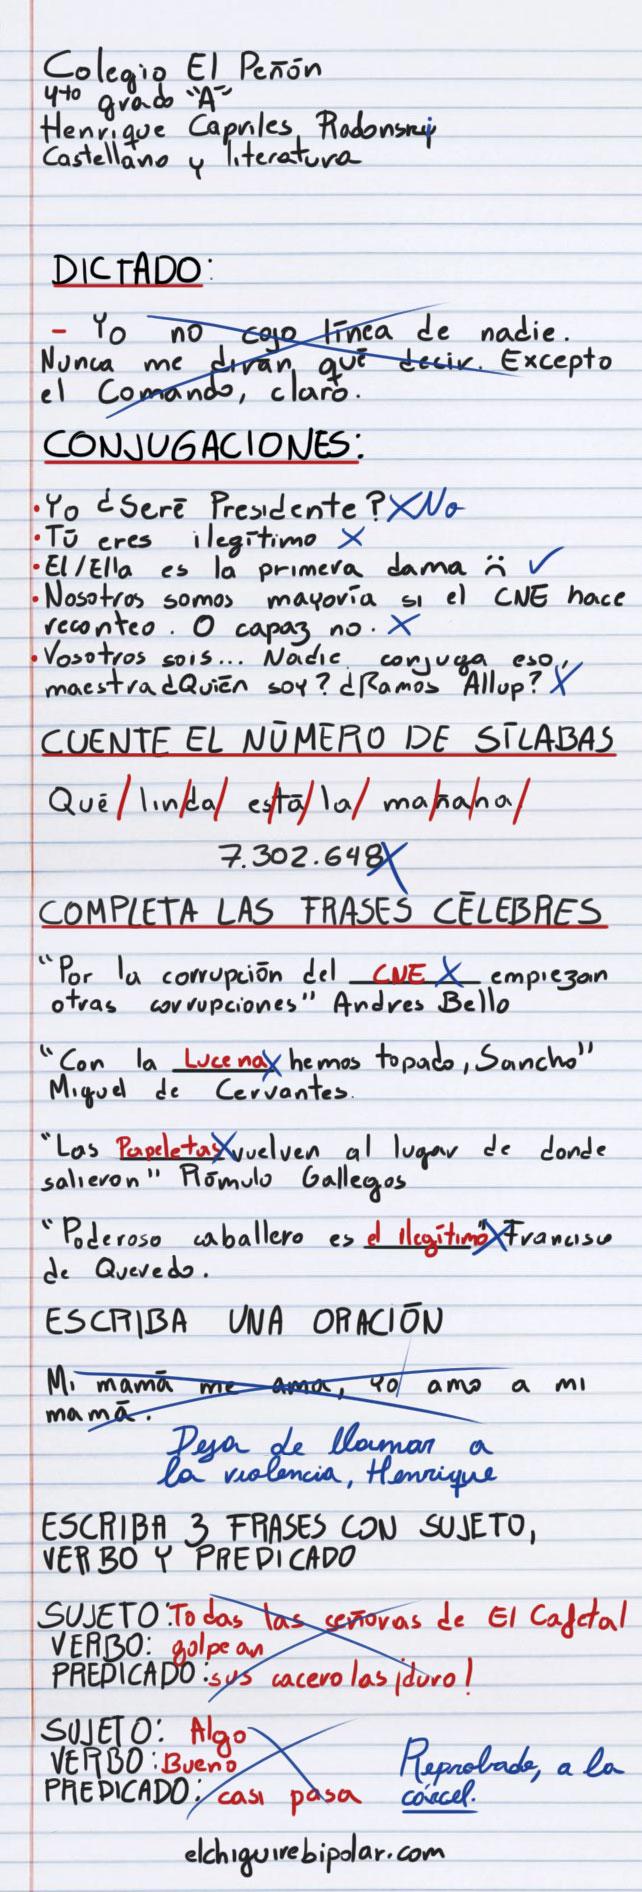 Cuaderno_Capriles